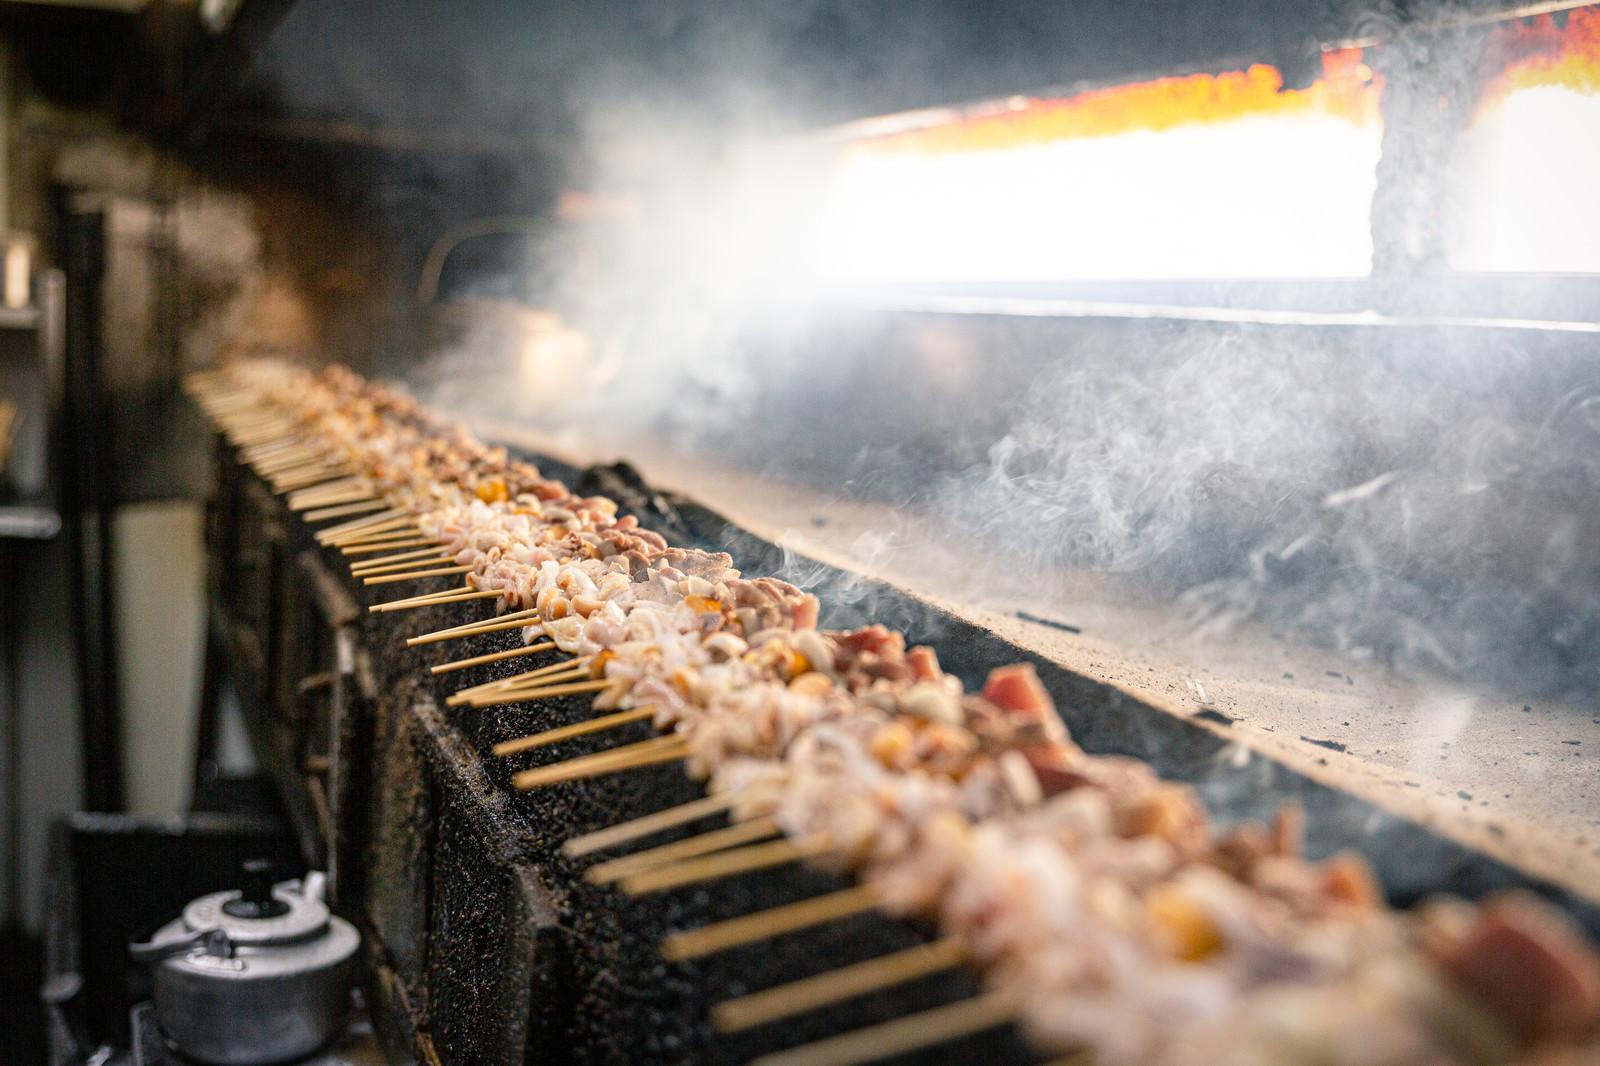 「炭火でジューシーに焼き上げる美唄焼き鳥の様子」の写真